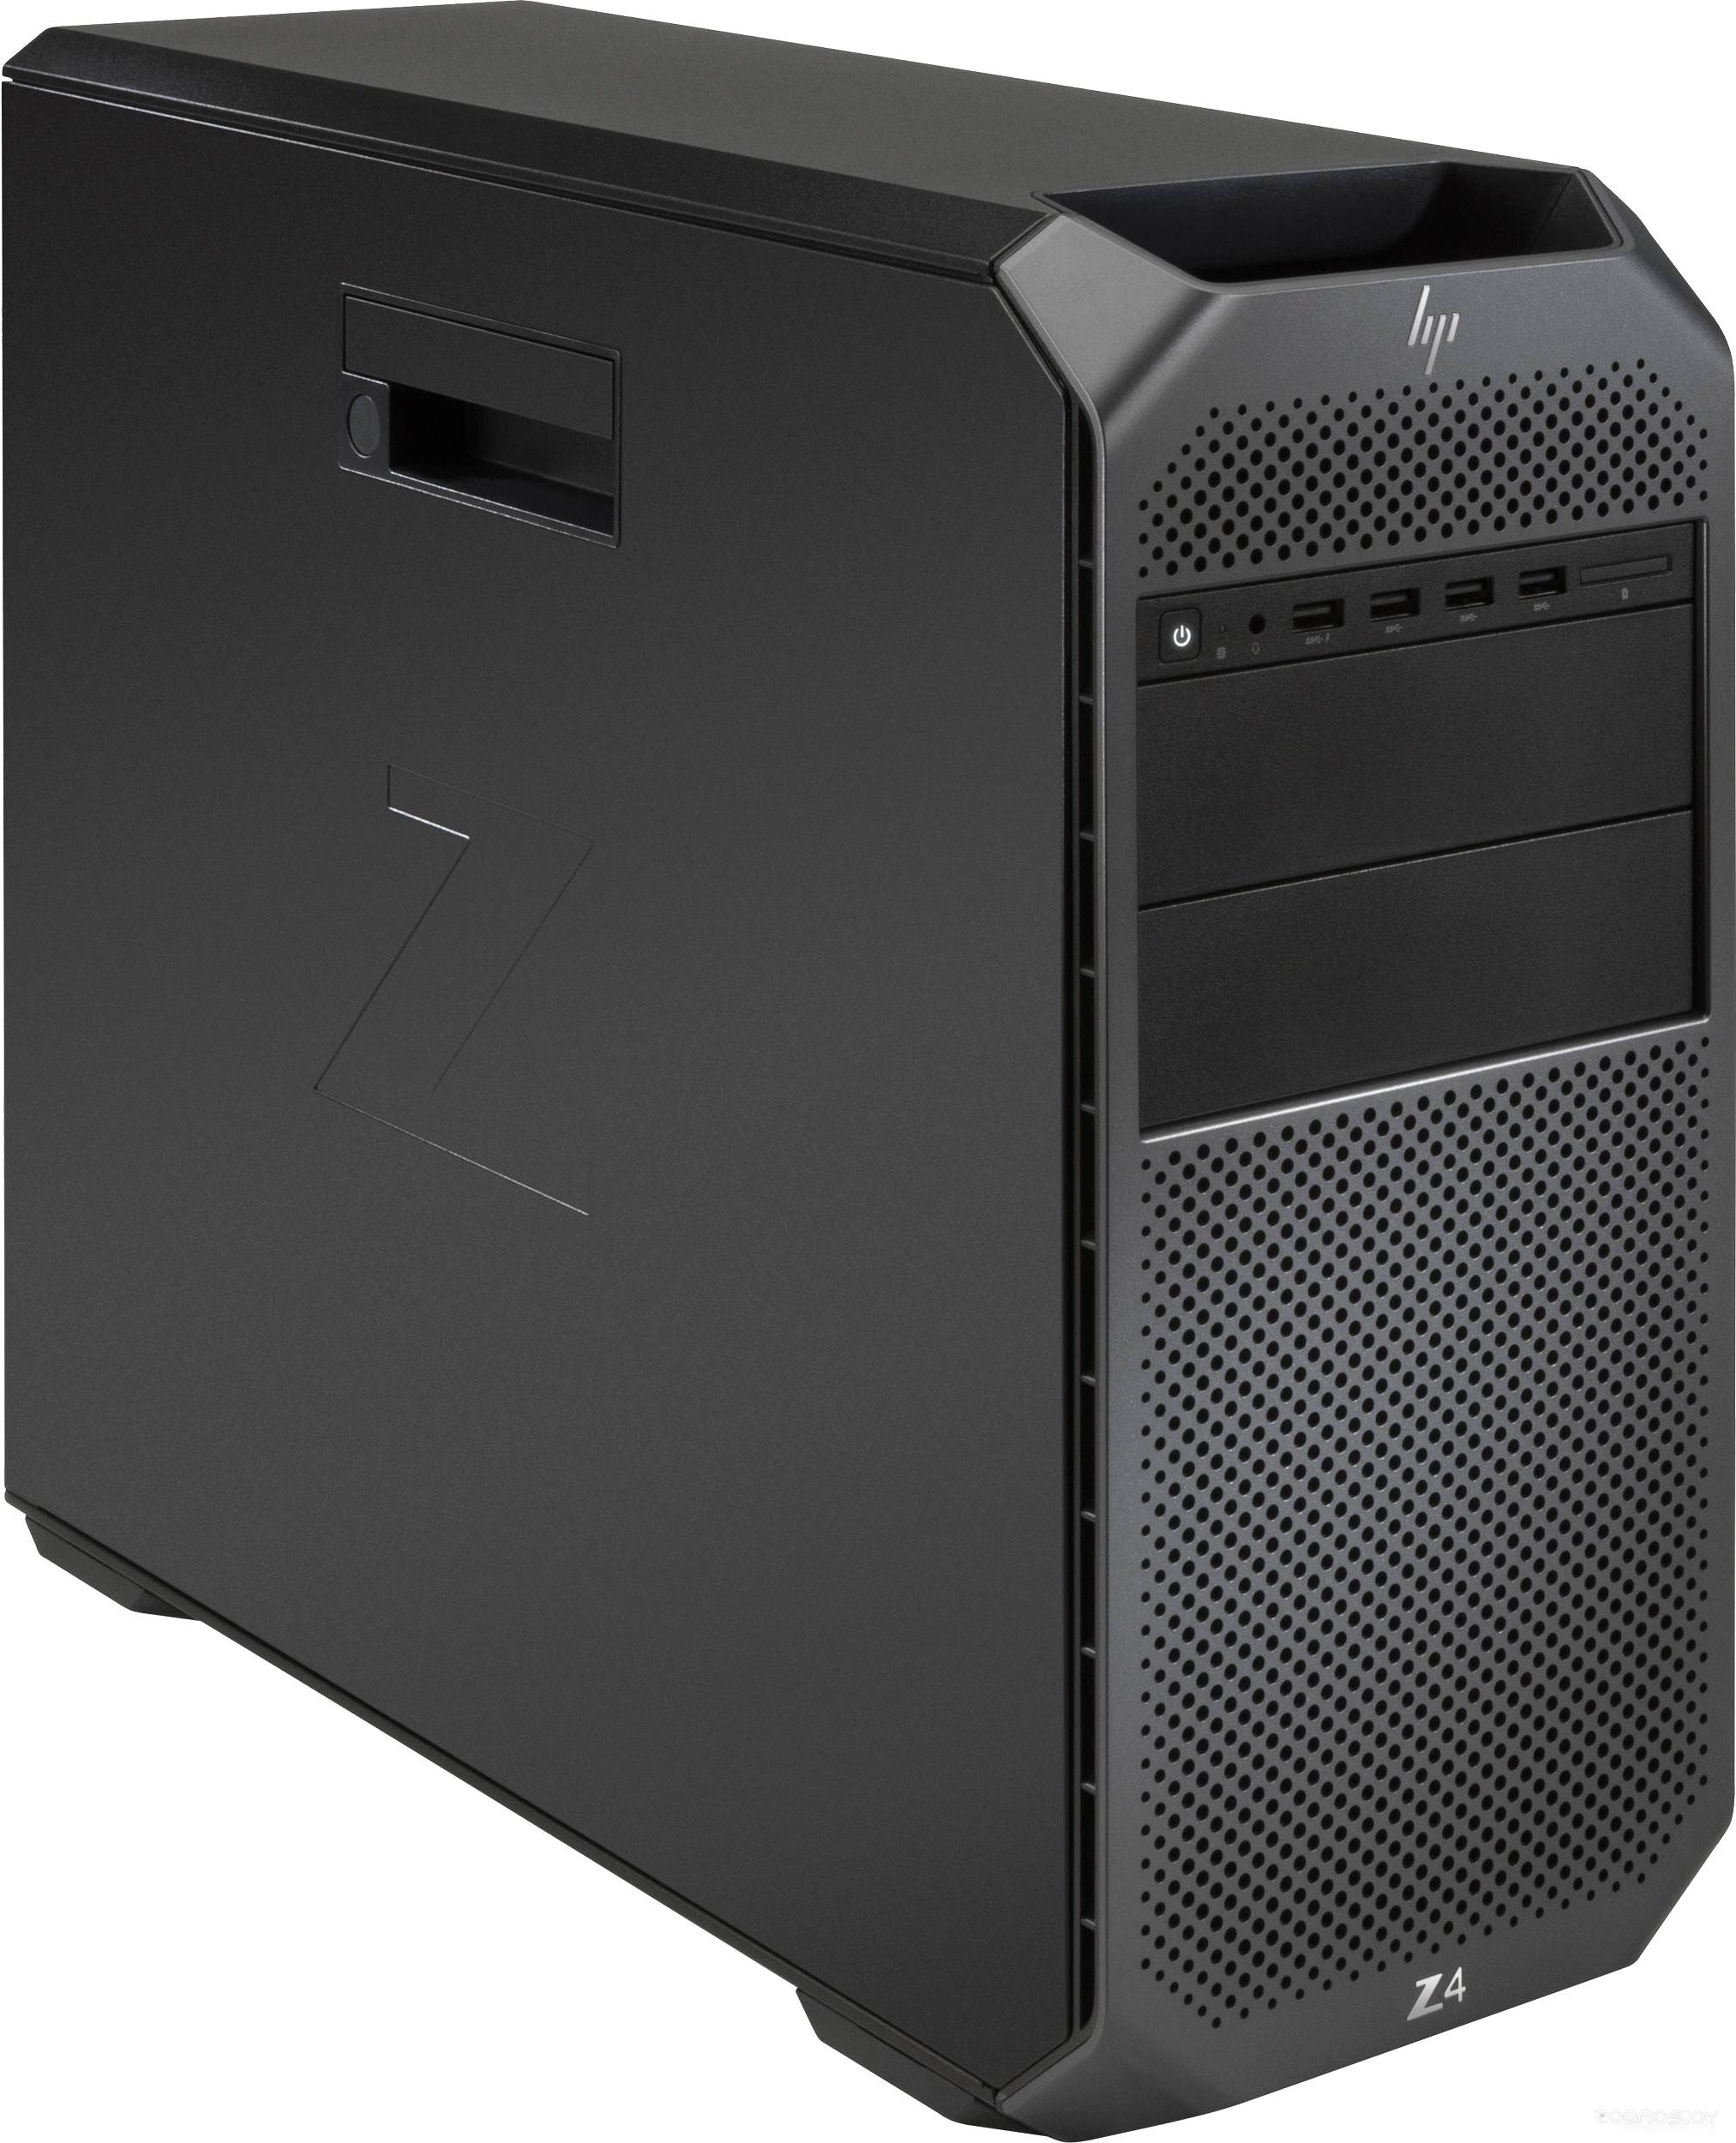 Компьютер HP Z4 G4 3MC09EA